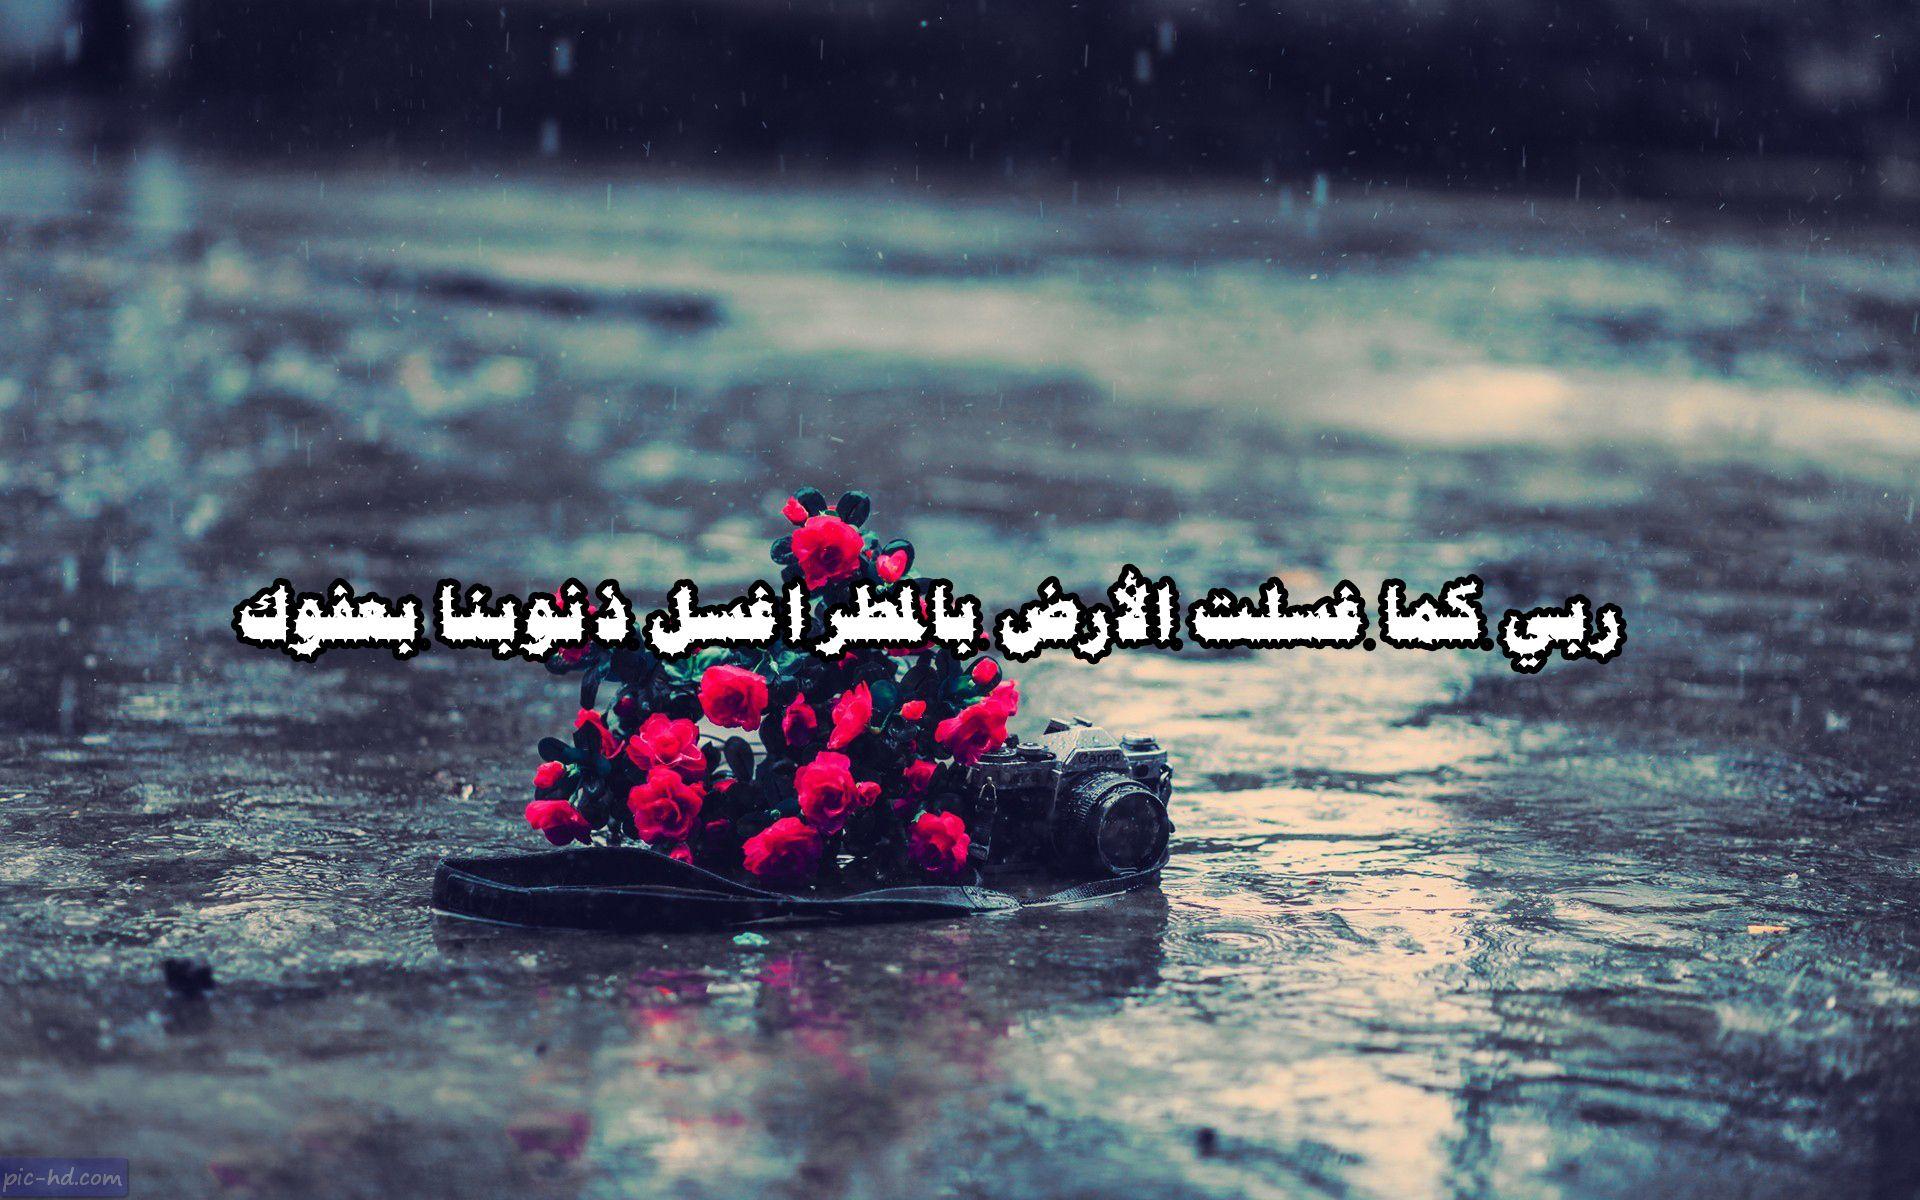 ادعية عند نزول المطر مكتوبة علي صور صور مطر مع عبارات وادعية Islamic Quotes Rain Image